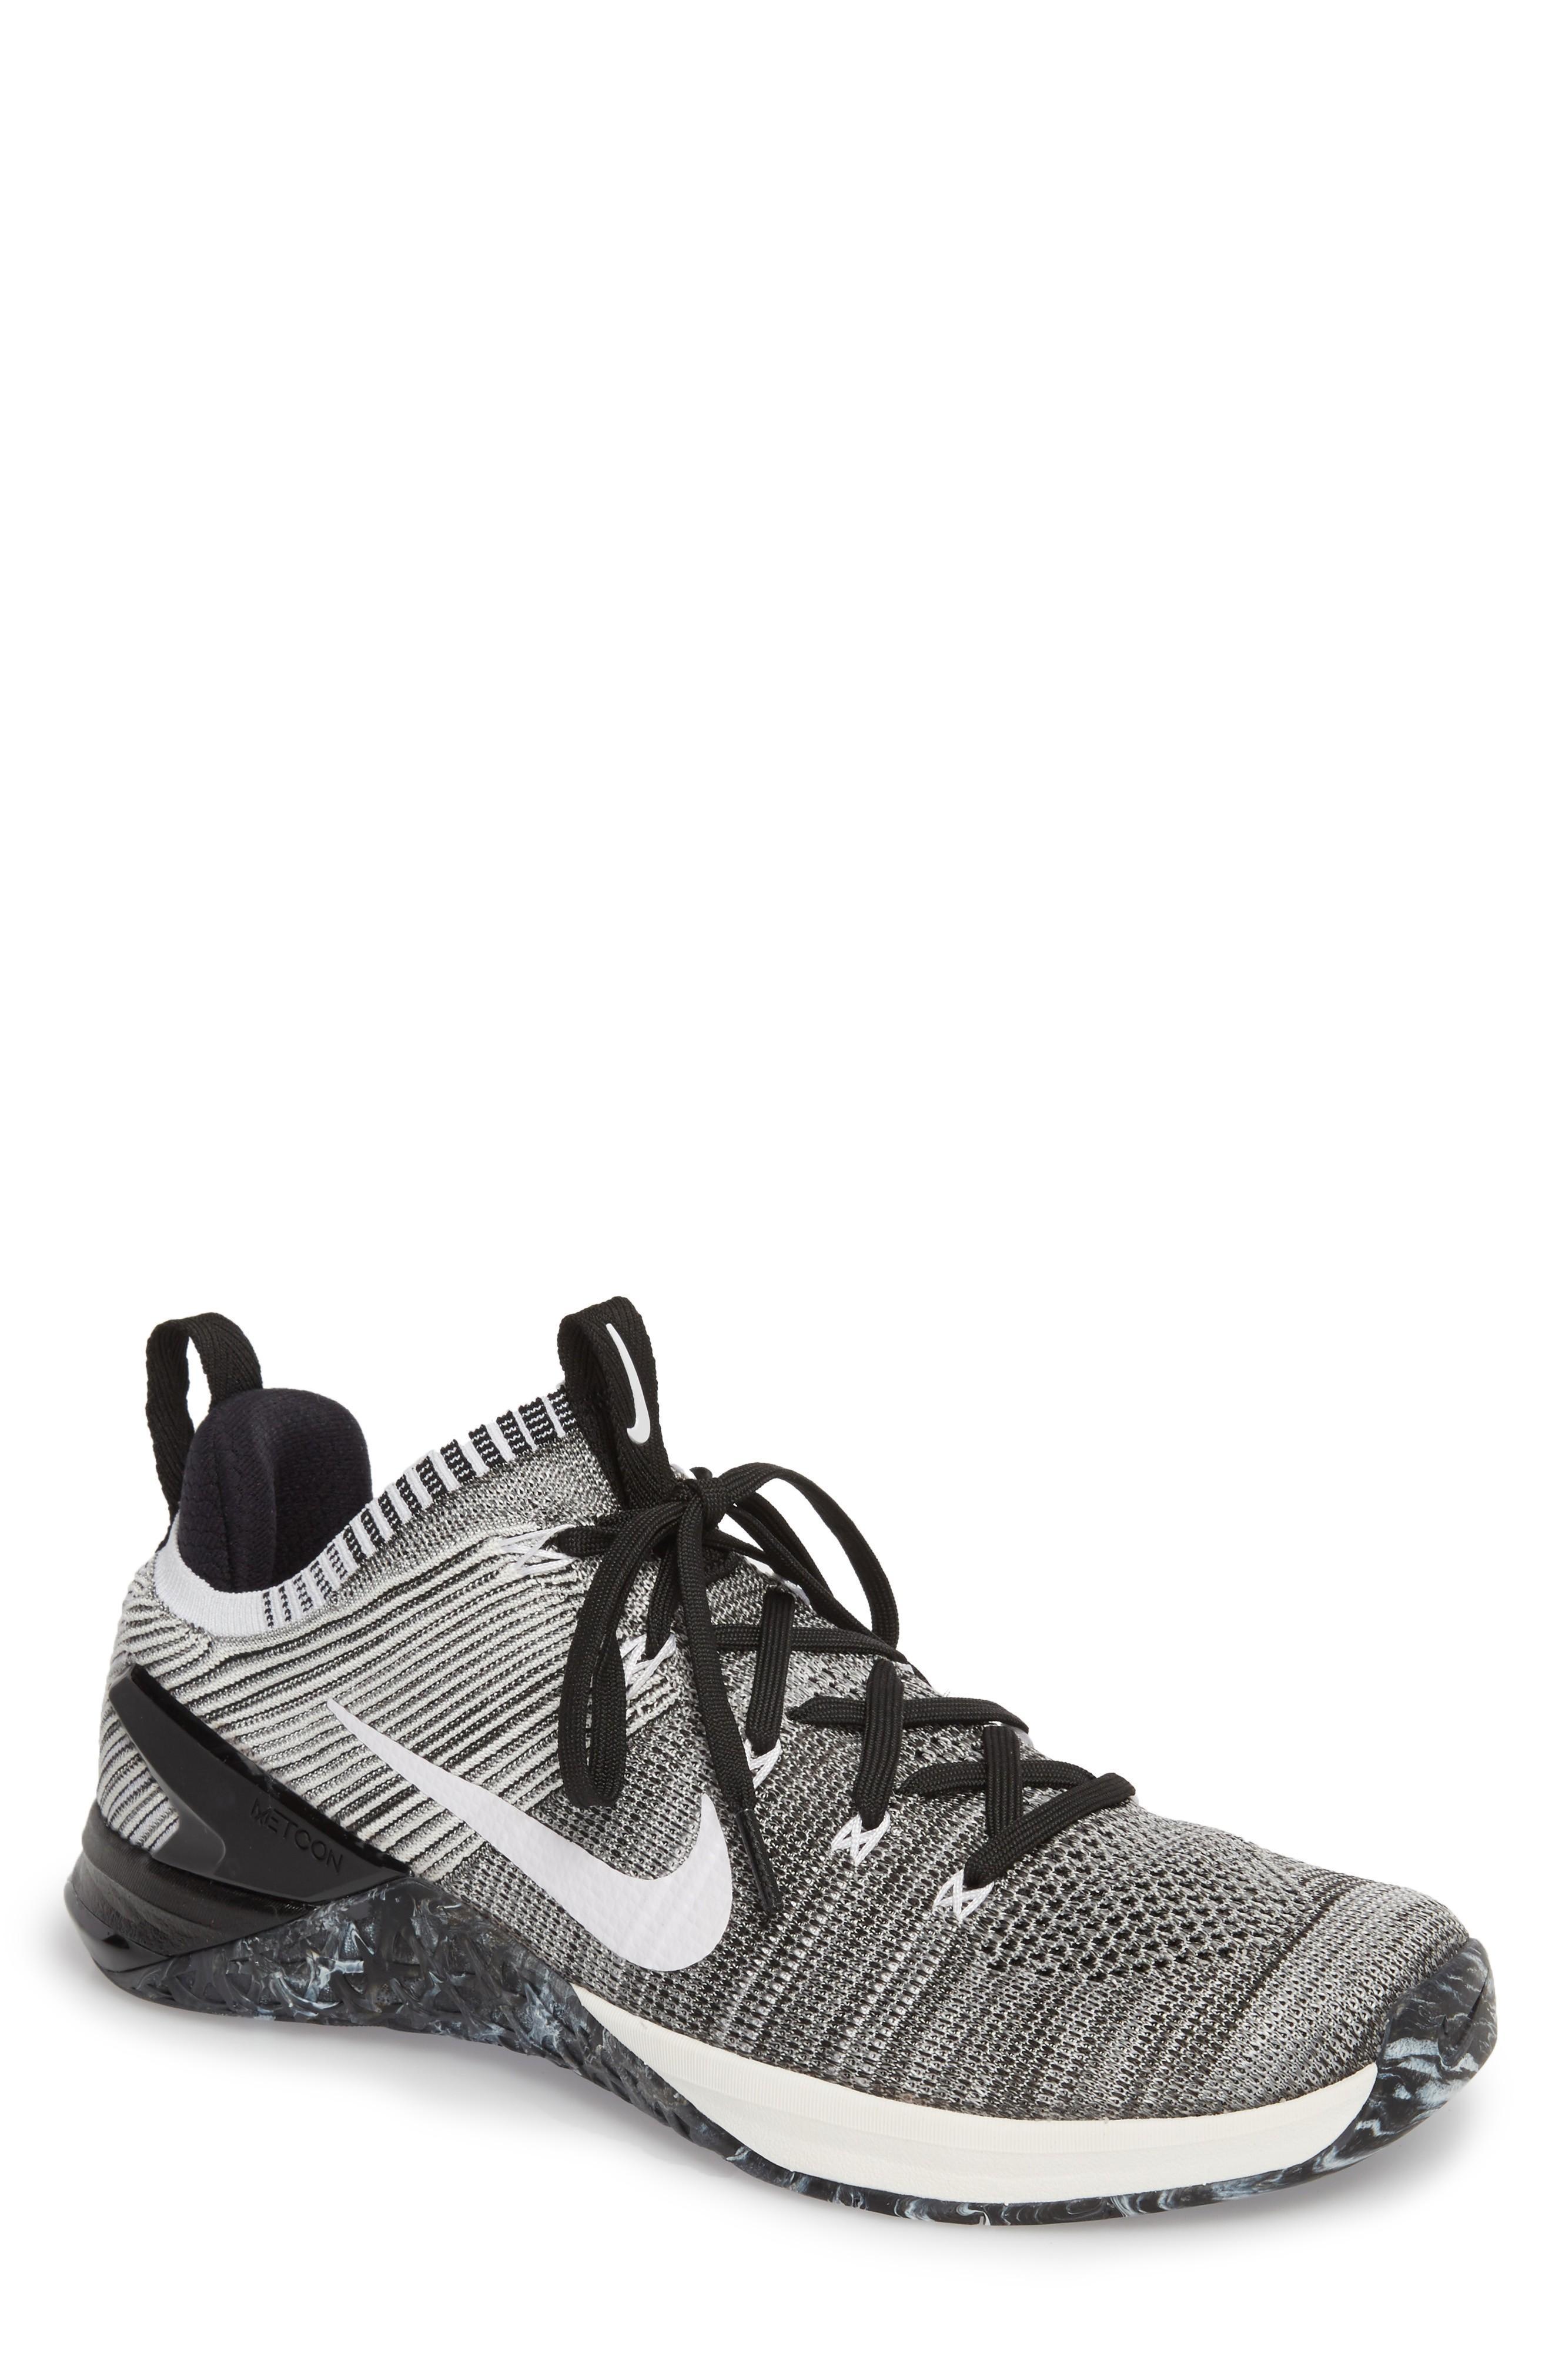 120209eb43aa Nike Metcon Dsx Flyknit 2 Training Shoe In Matte Silver  Light Silver